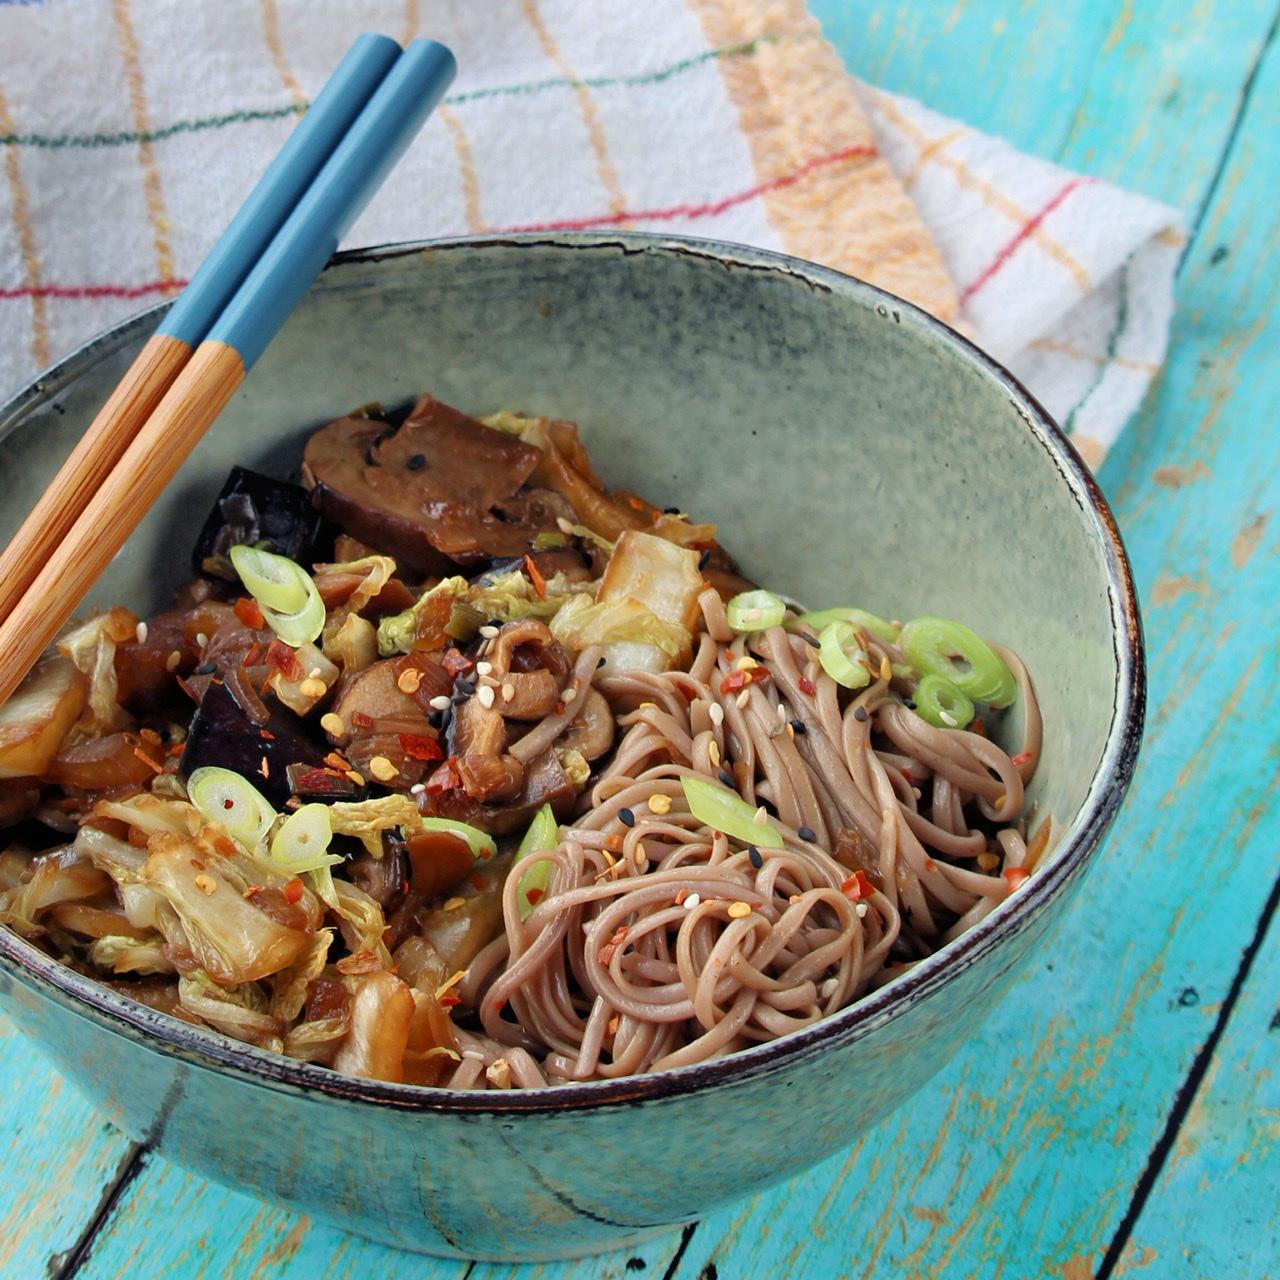 Vegan Stir-Fry Noodles